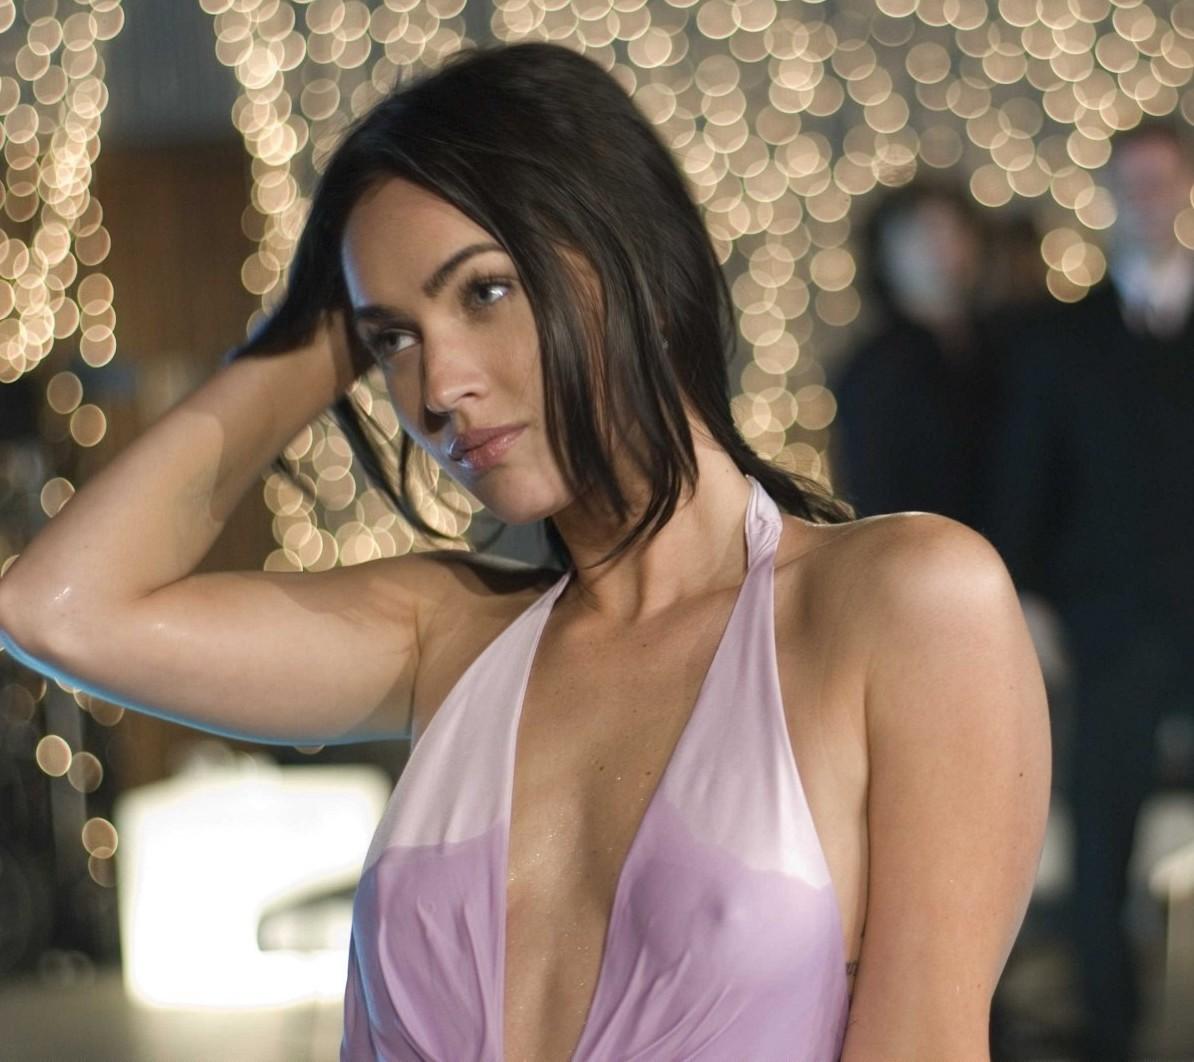 Hollywood Sex Actress